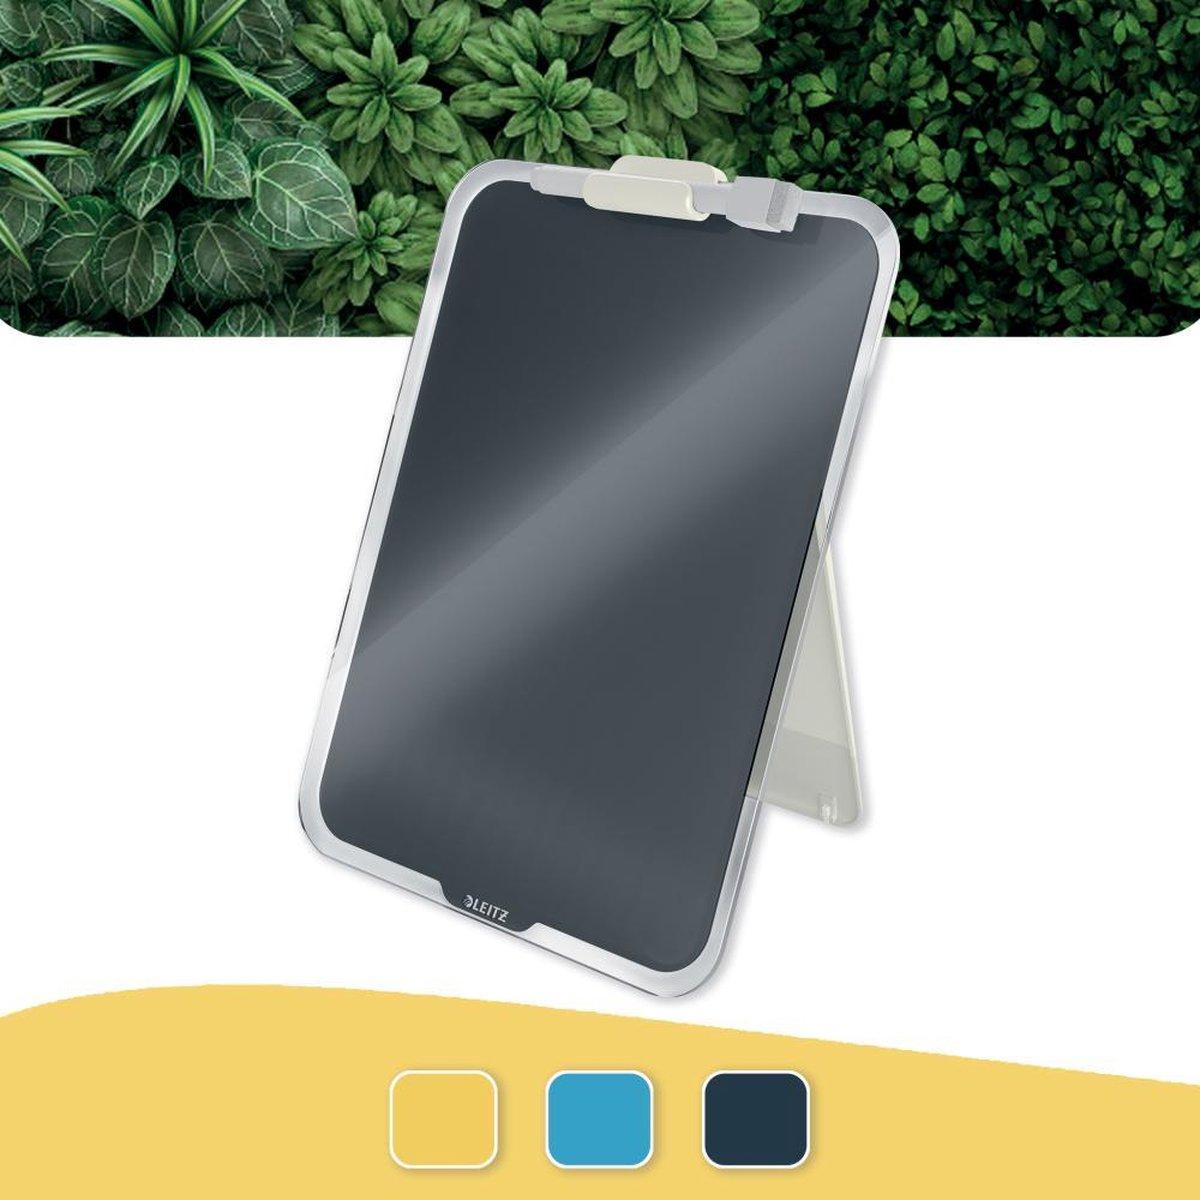 Leitz Cosy Beschrijfbare Glassboard Voor Bureau - Clipboard a4 Formaat - Glazen Memobord Inclusief Inclusief Pennenhouder En Minimarker Met Wisser - Fluweel Grijs